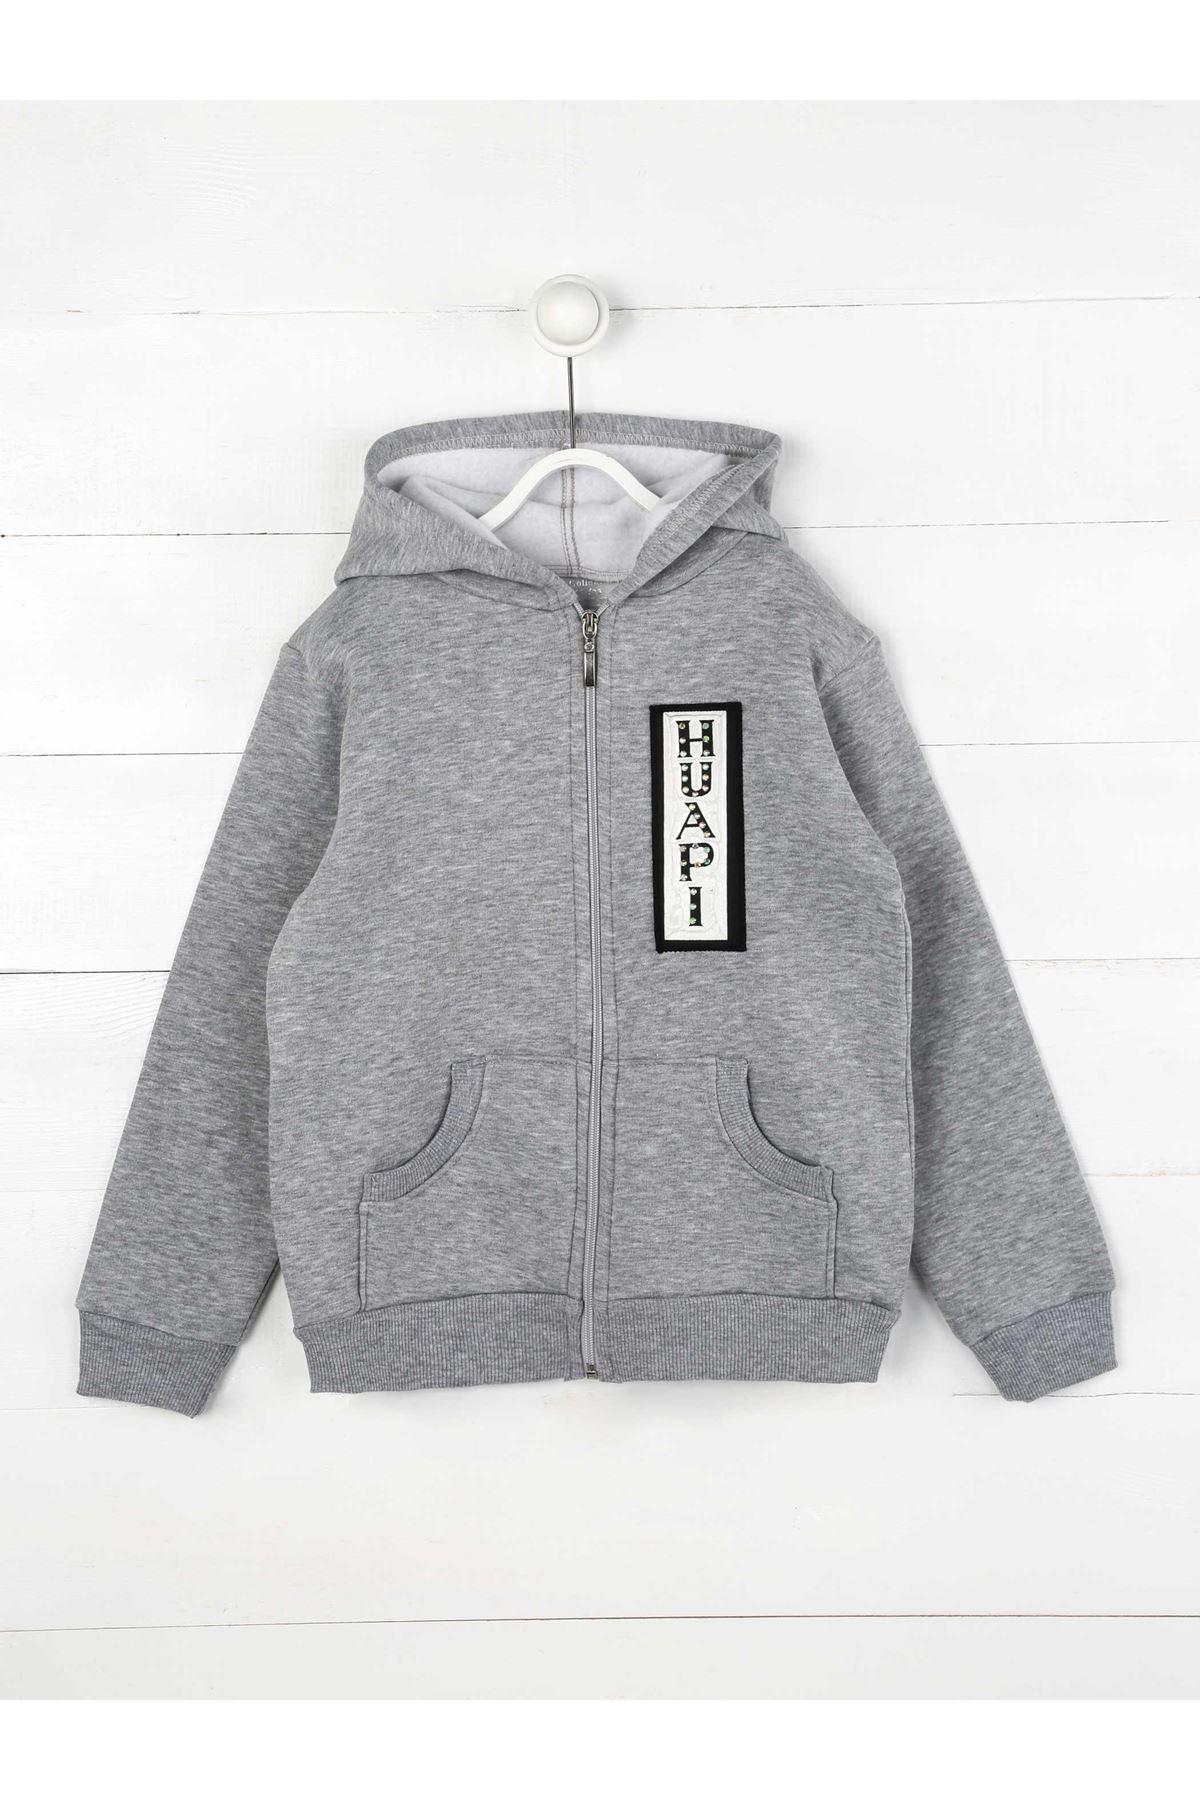 Gri Kışlık Kapüşonlu  Kız Çocuk Sweatshirt